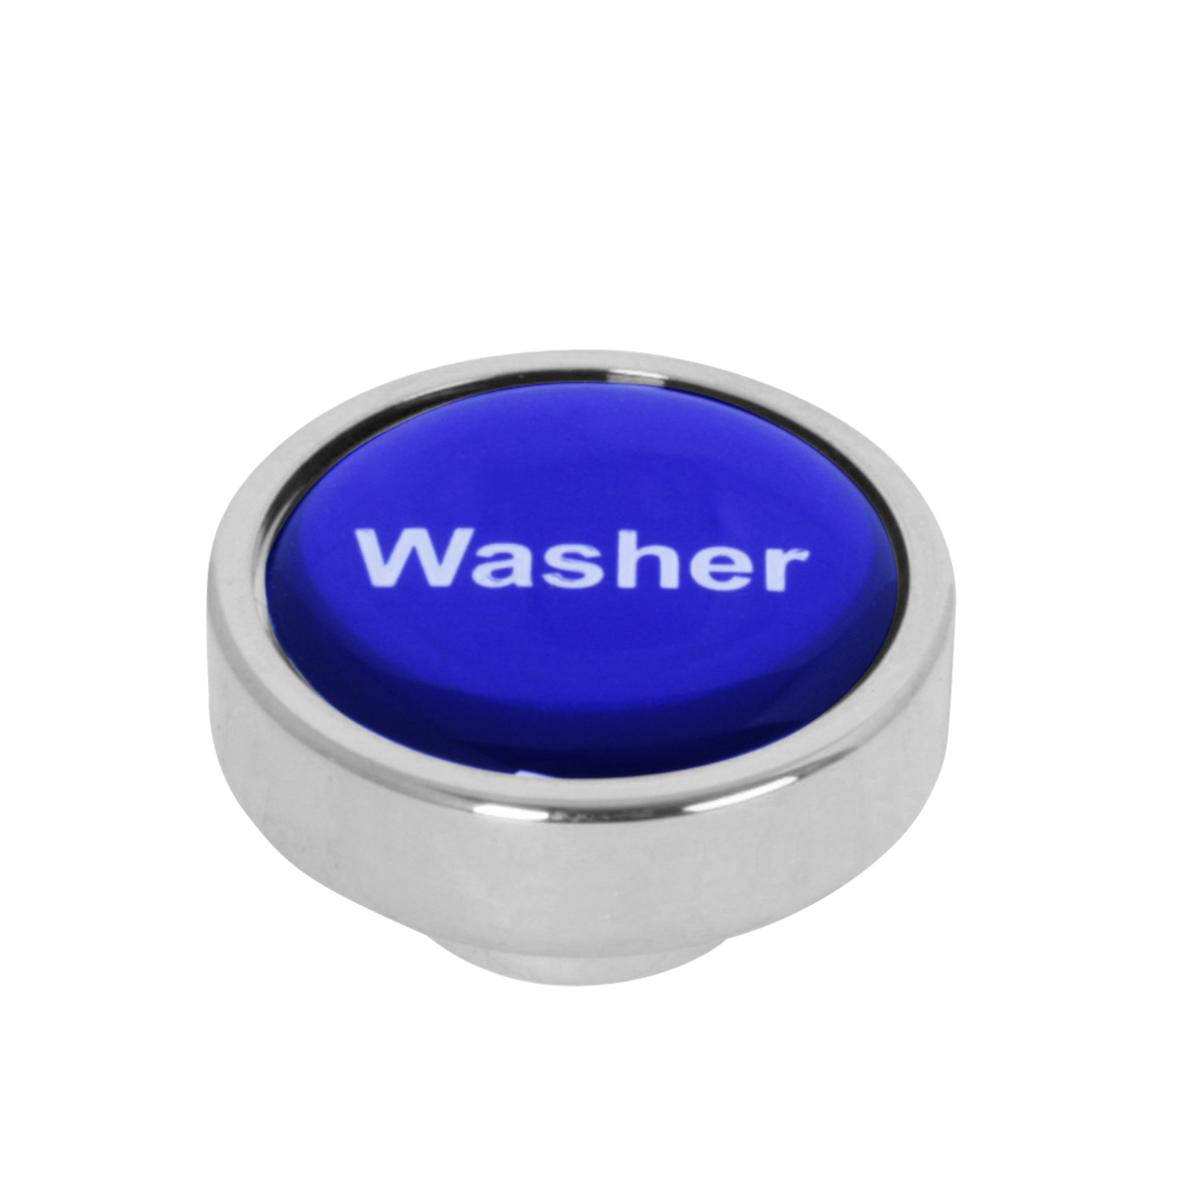 96311 Dashboard Control Knob w/ Washer Script